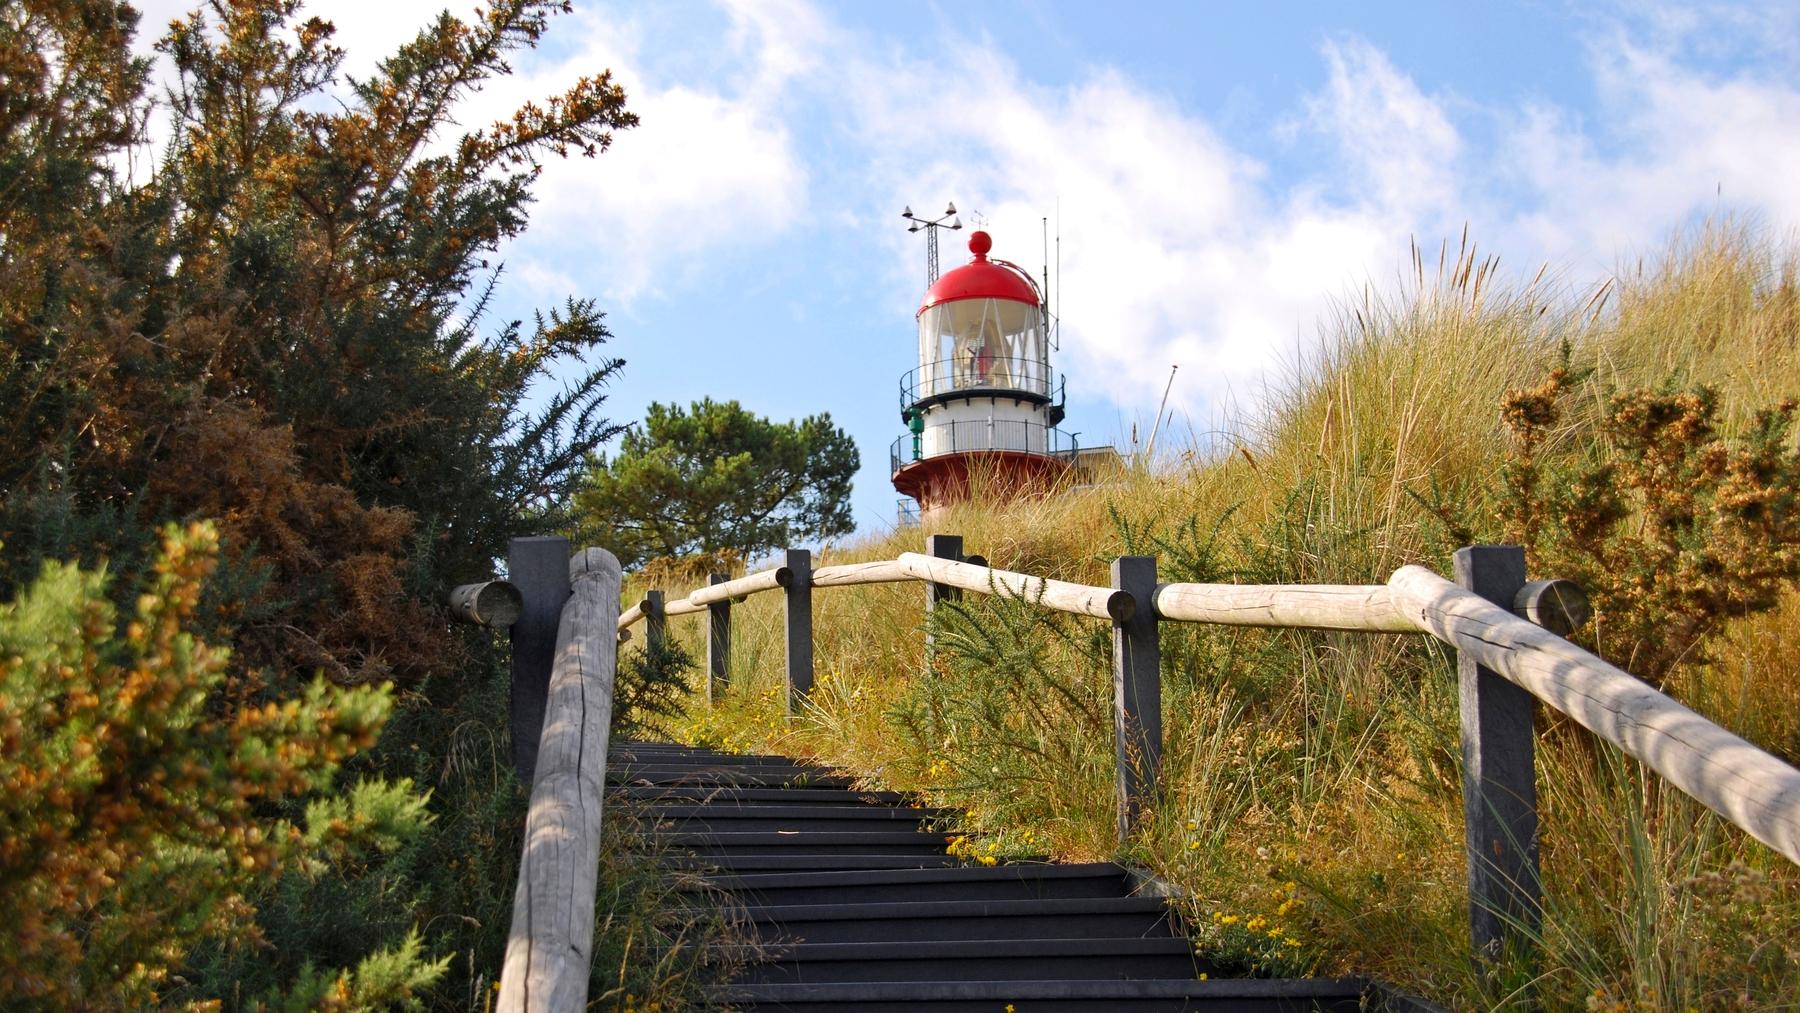 Vakantie in Nederland: Vlieland